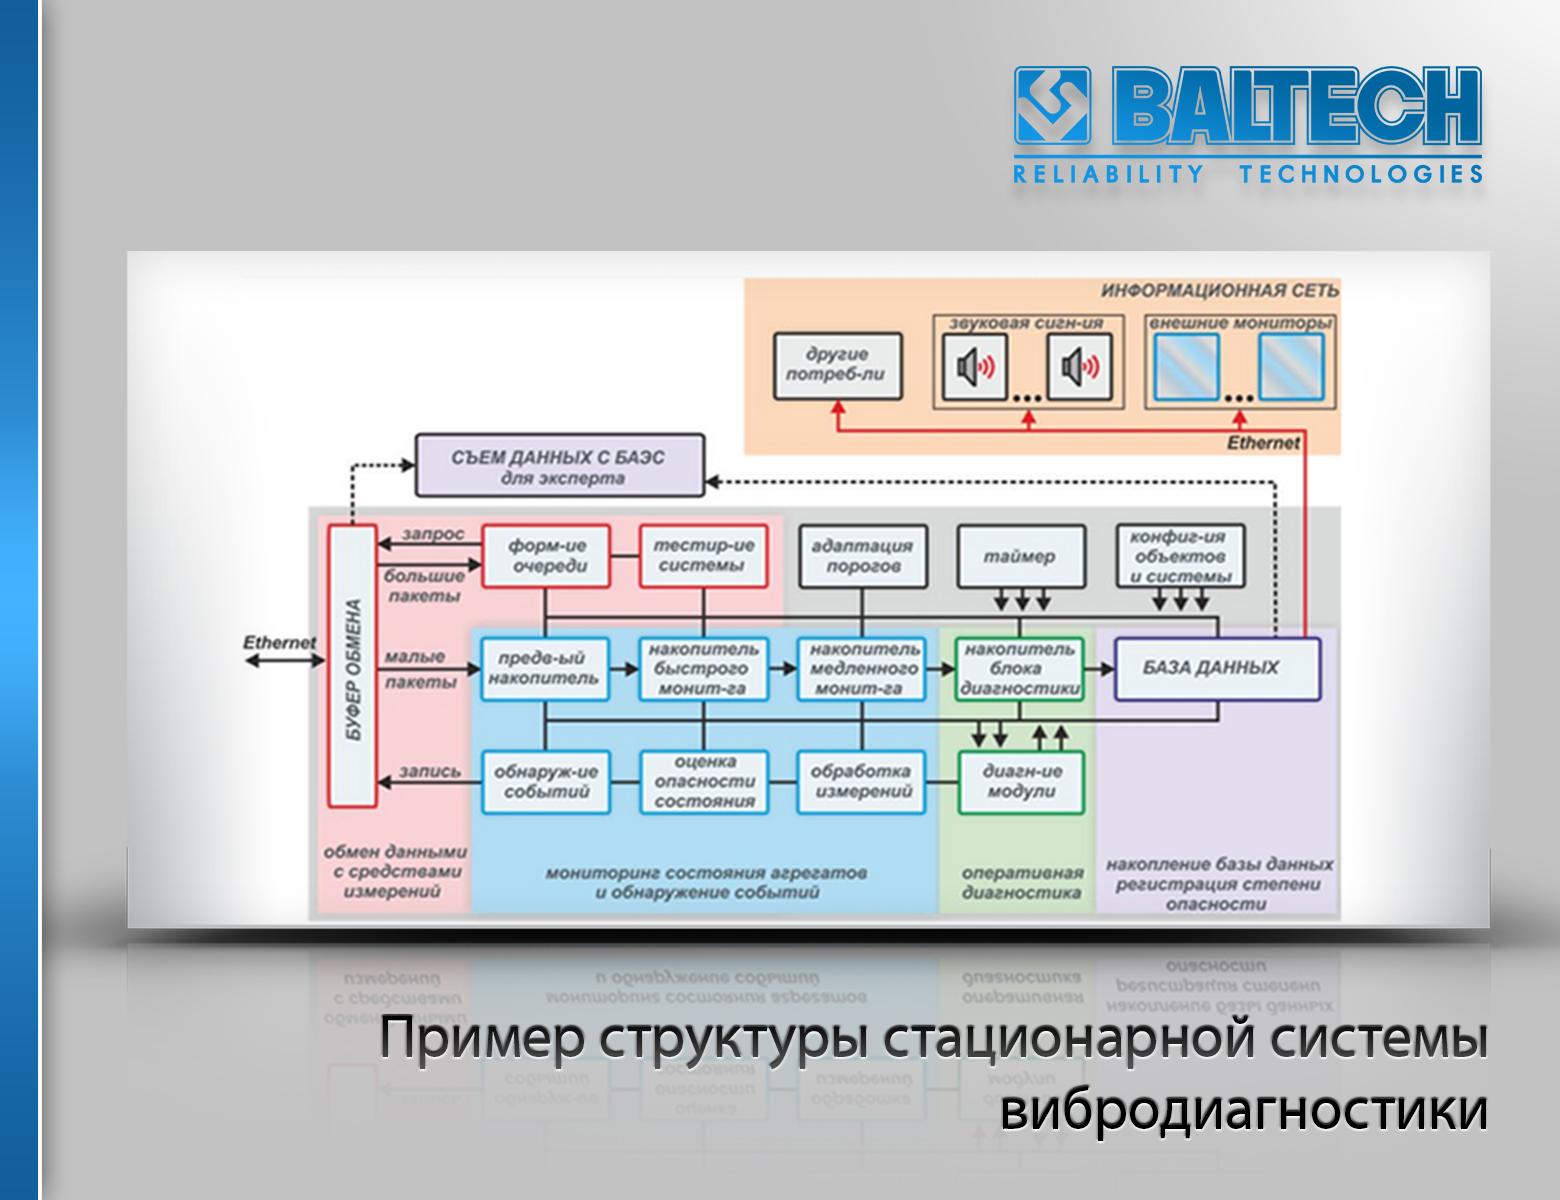 Структура стационарной системы вибродиагностики, ПРОТОН-1000, CSI 6500